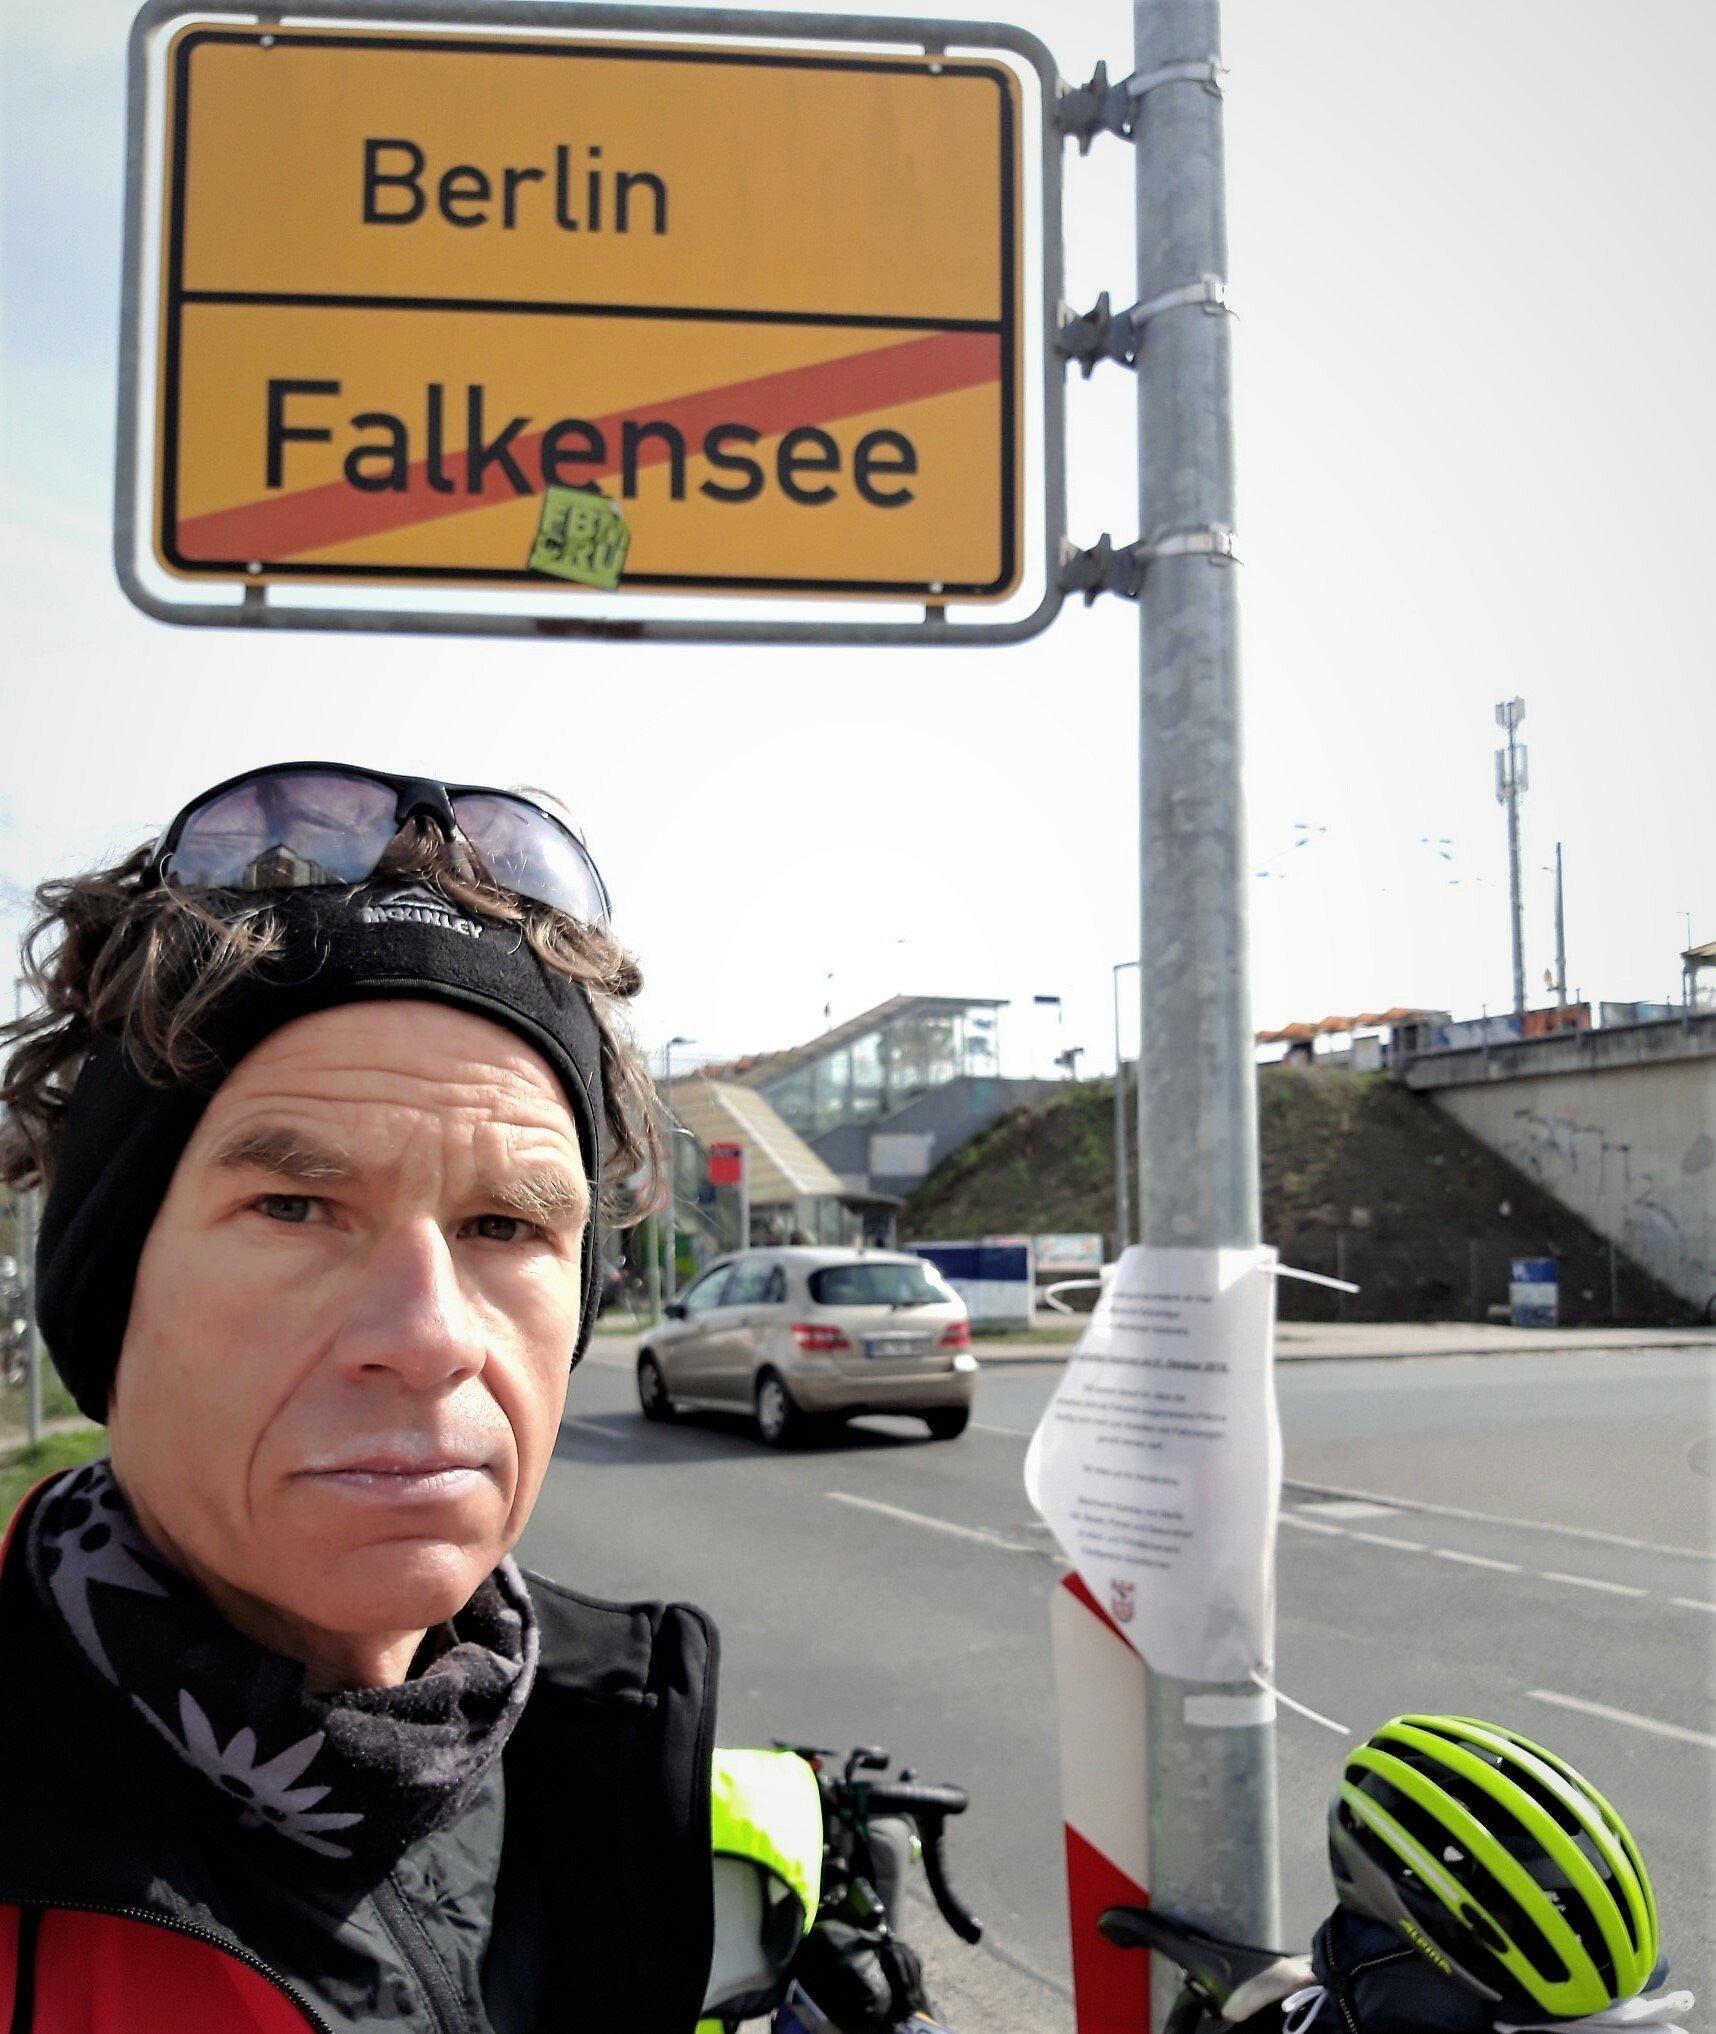 Ein abgekämpft wirkender Martin C. Roos macht ein Selfie am Ortsschild von Berlin, an dessen Pfahl ein offiziell wirkender Aushang befestigt ist. Im Hintergrund zu sehen: Der Bahnhof Albrechtshof.